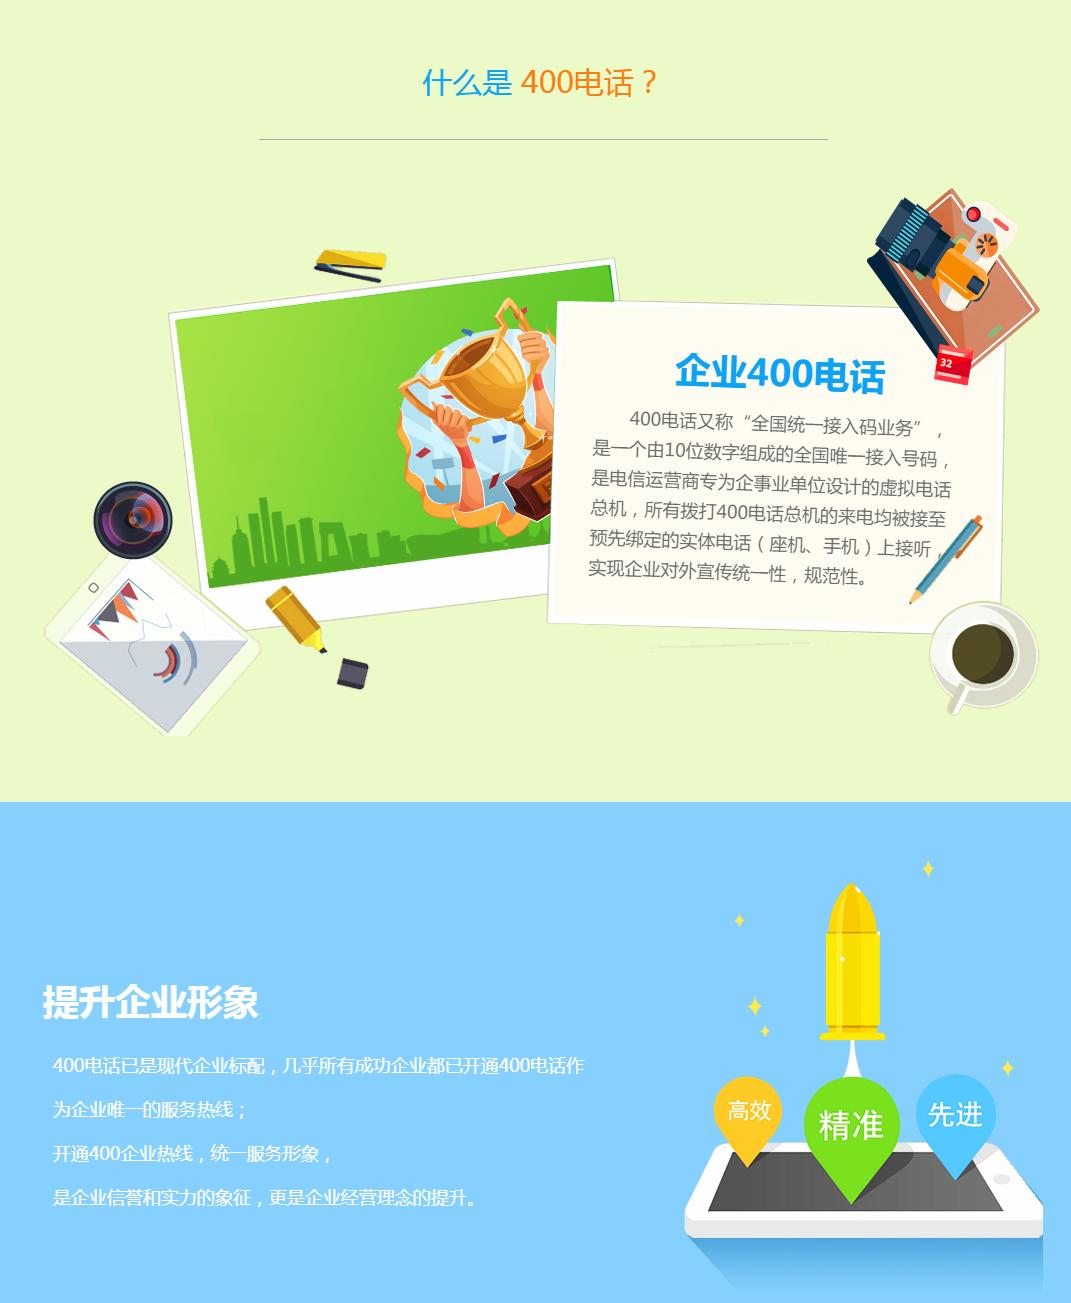 菏澤400電話辦理_菏澤400電話申請中心-菏澤400電話辦理公司_副本1.png